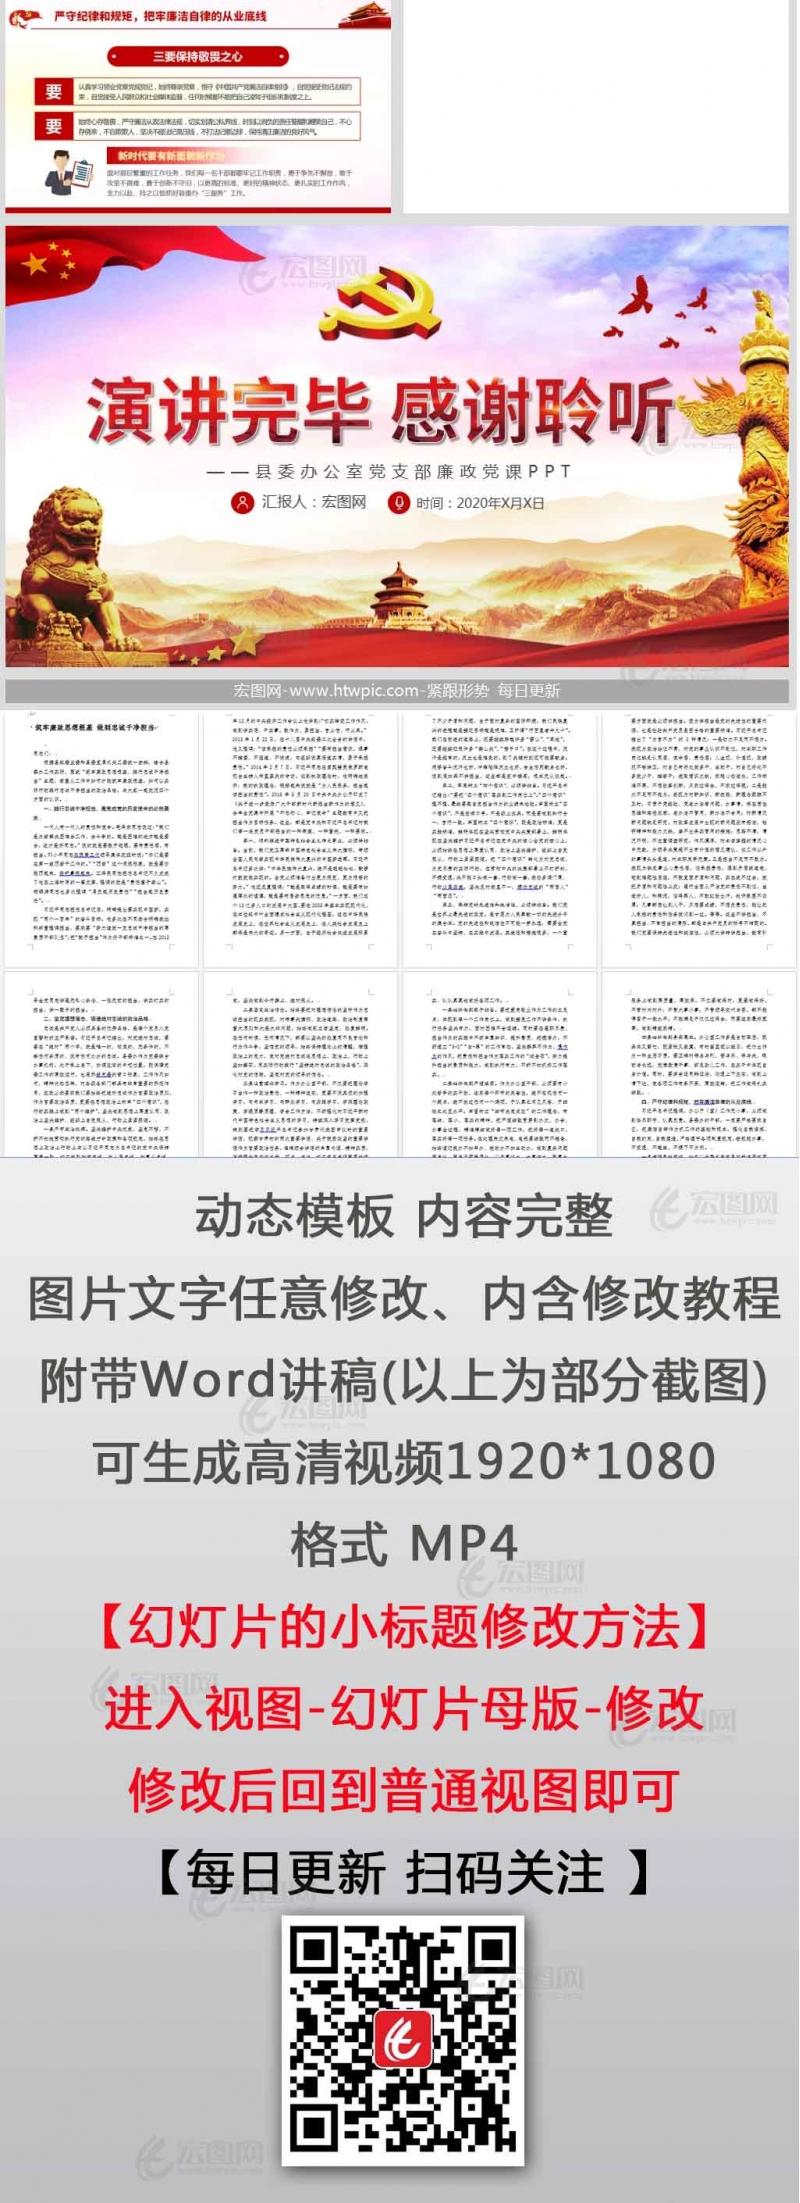 2020年县委办公室党支部廉政党课PPT及演讲稿